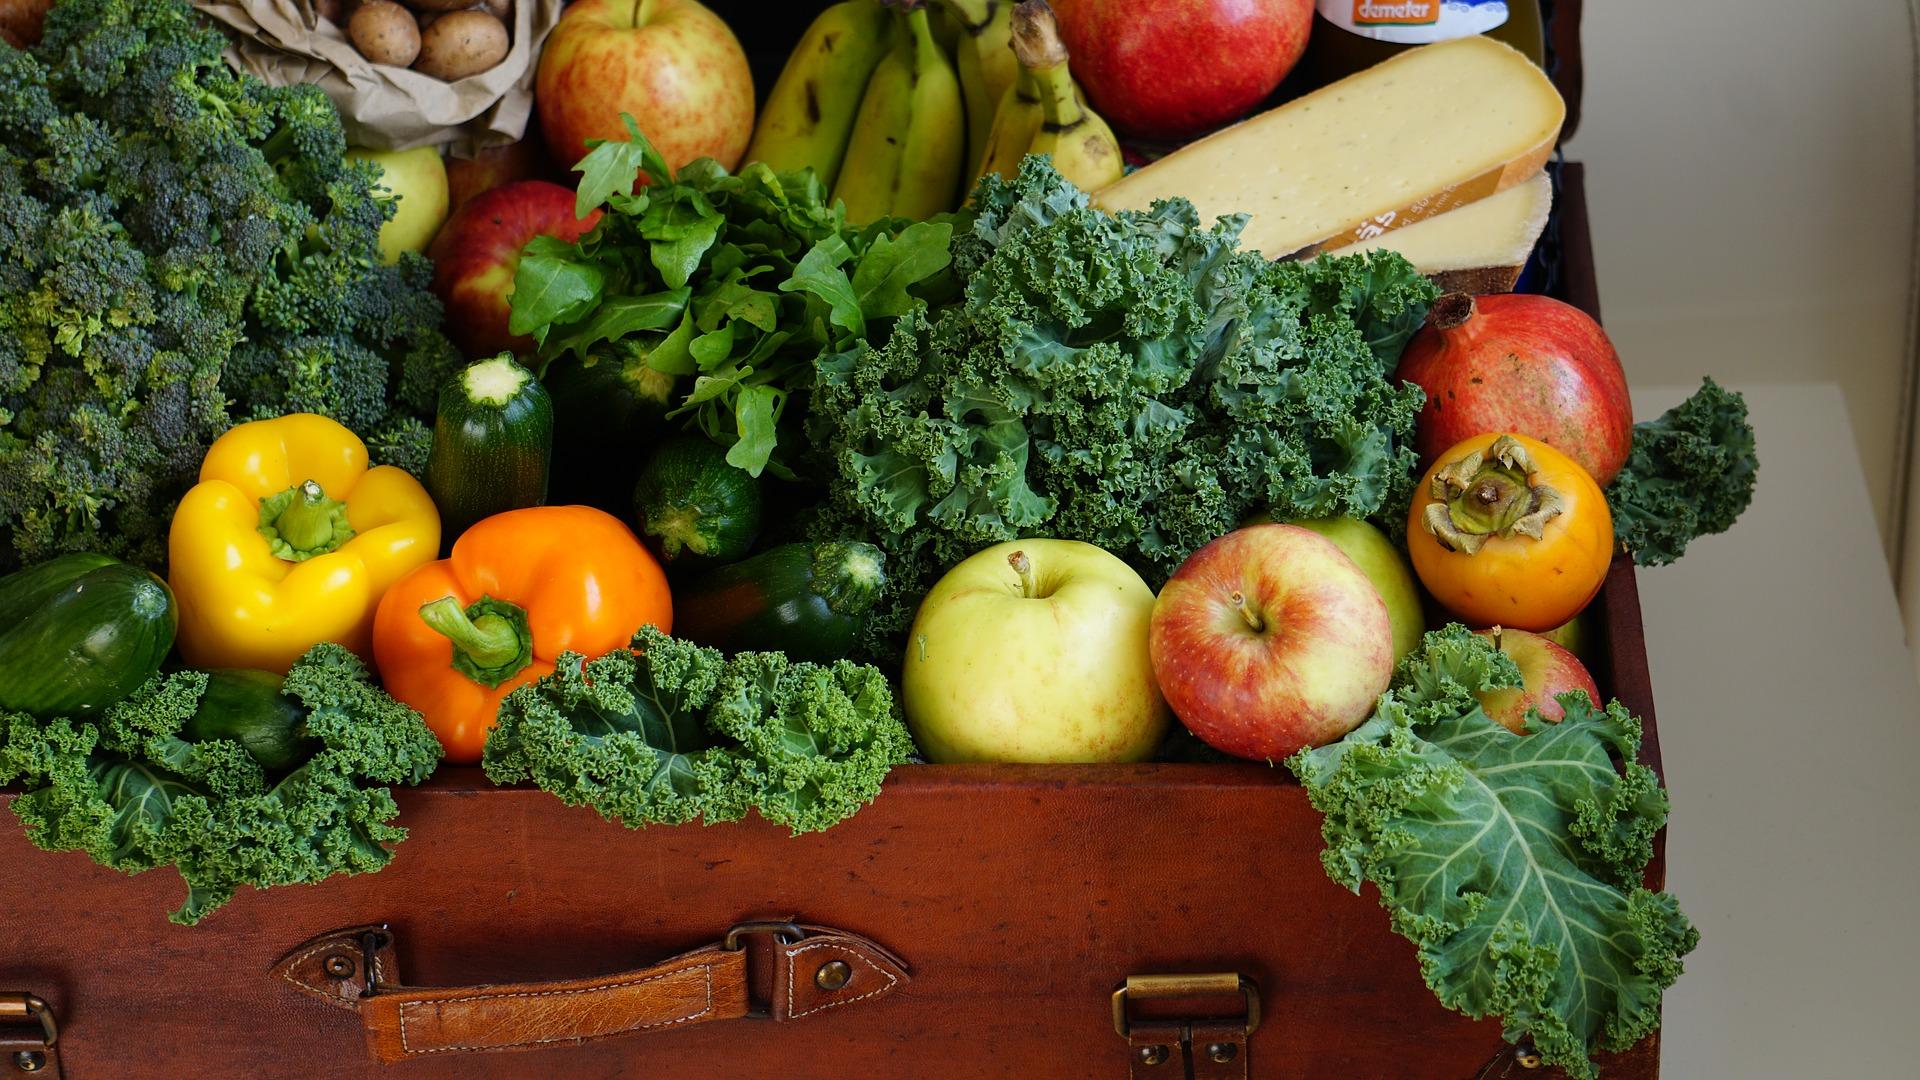 fruits-1761031_1920